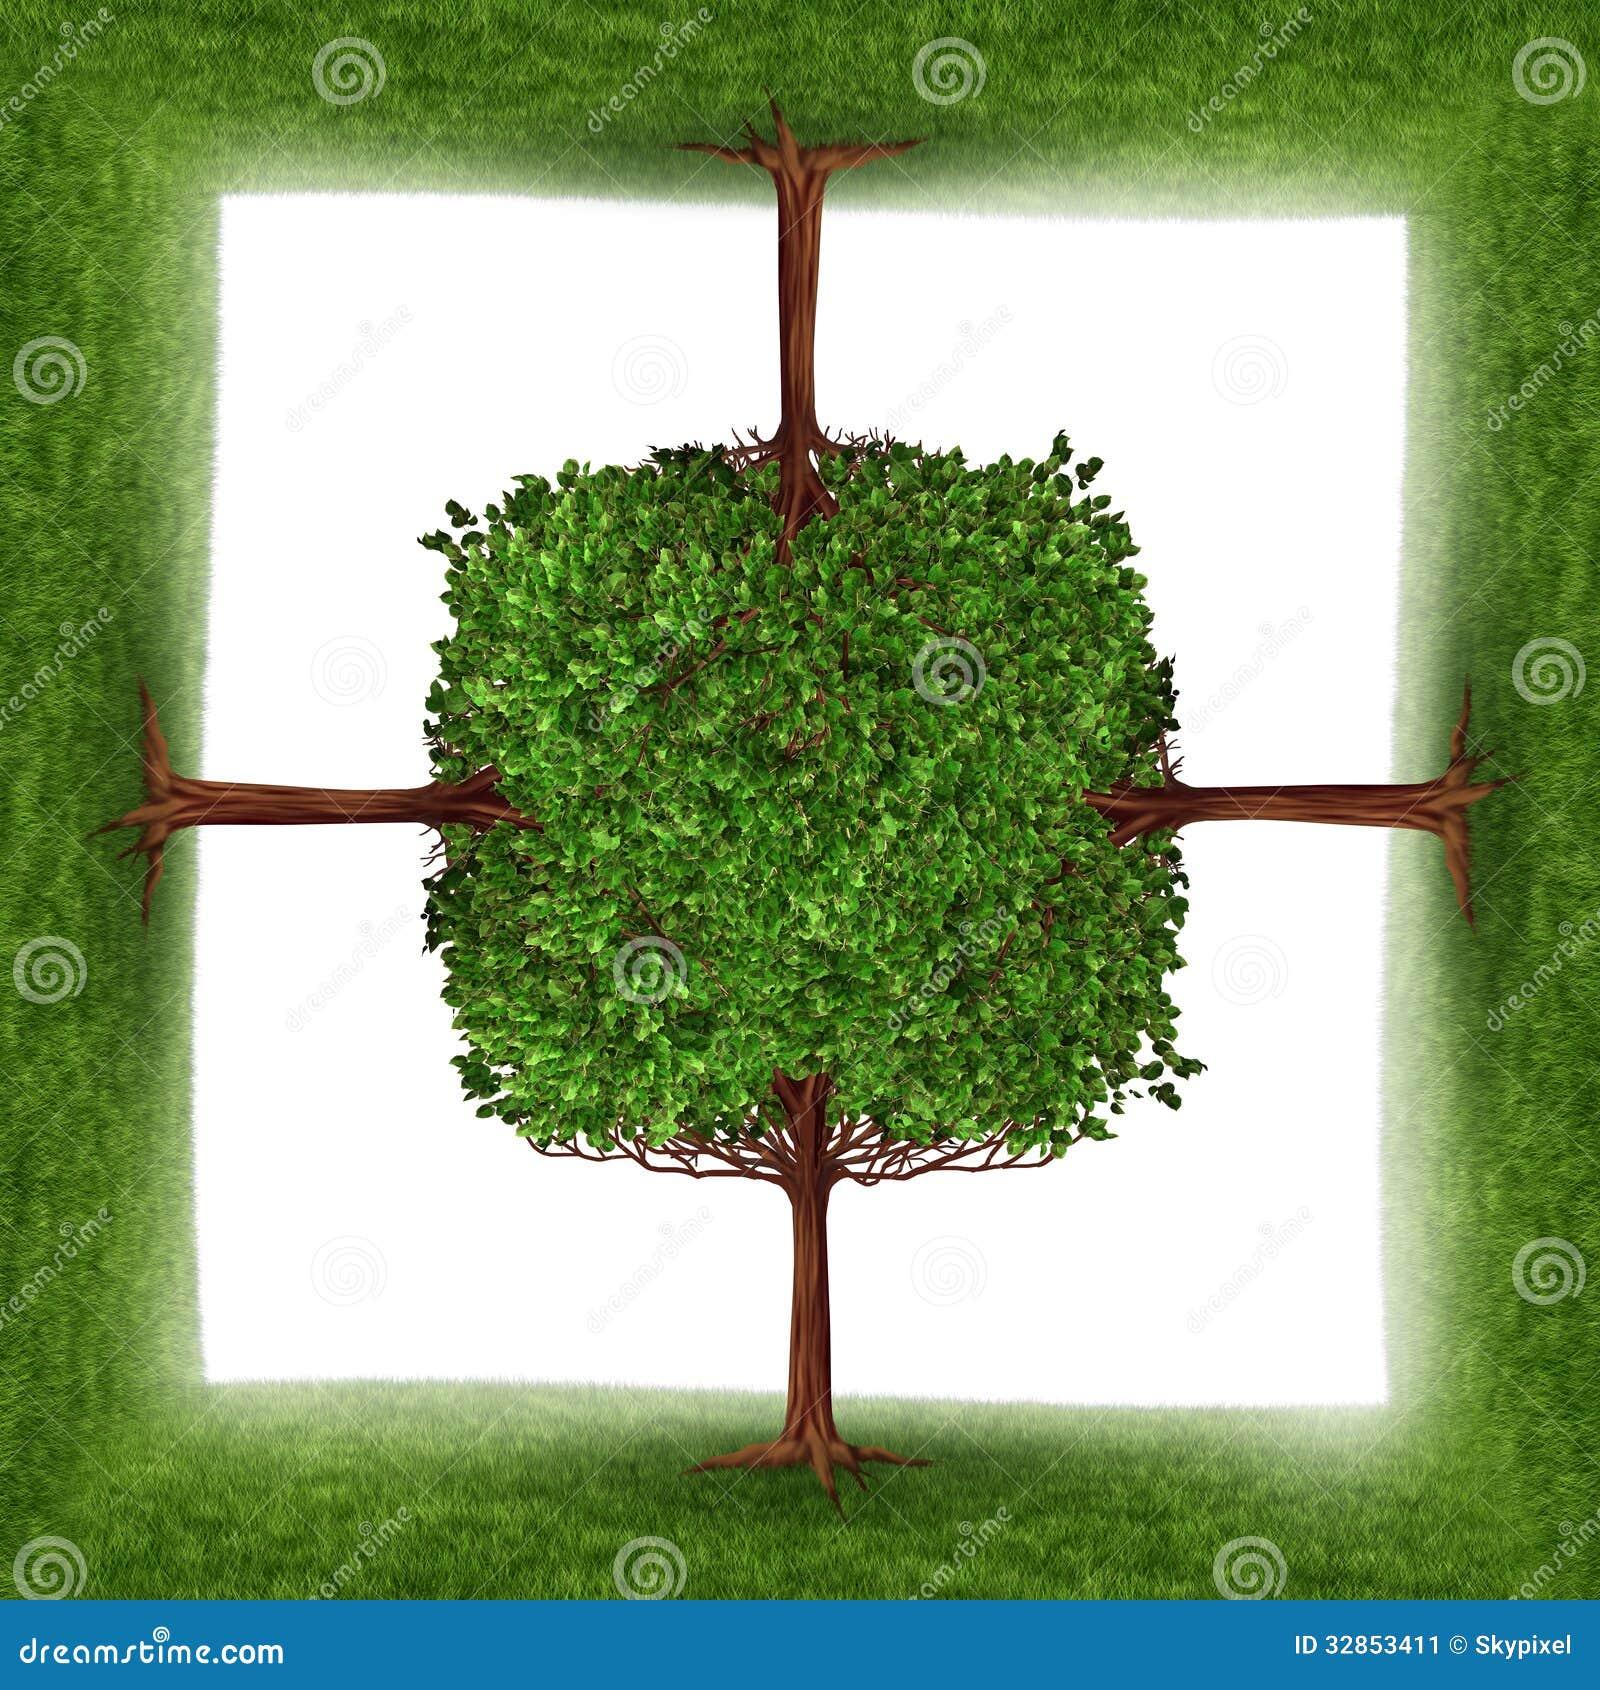 Community Cooperation Stock Image Image 32853411